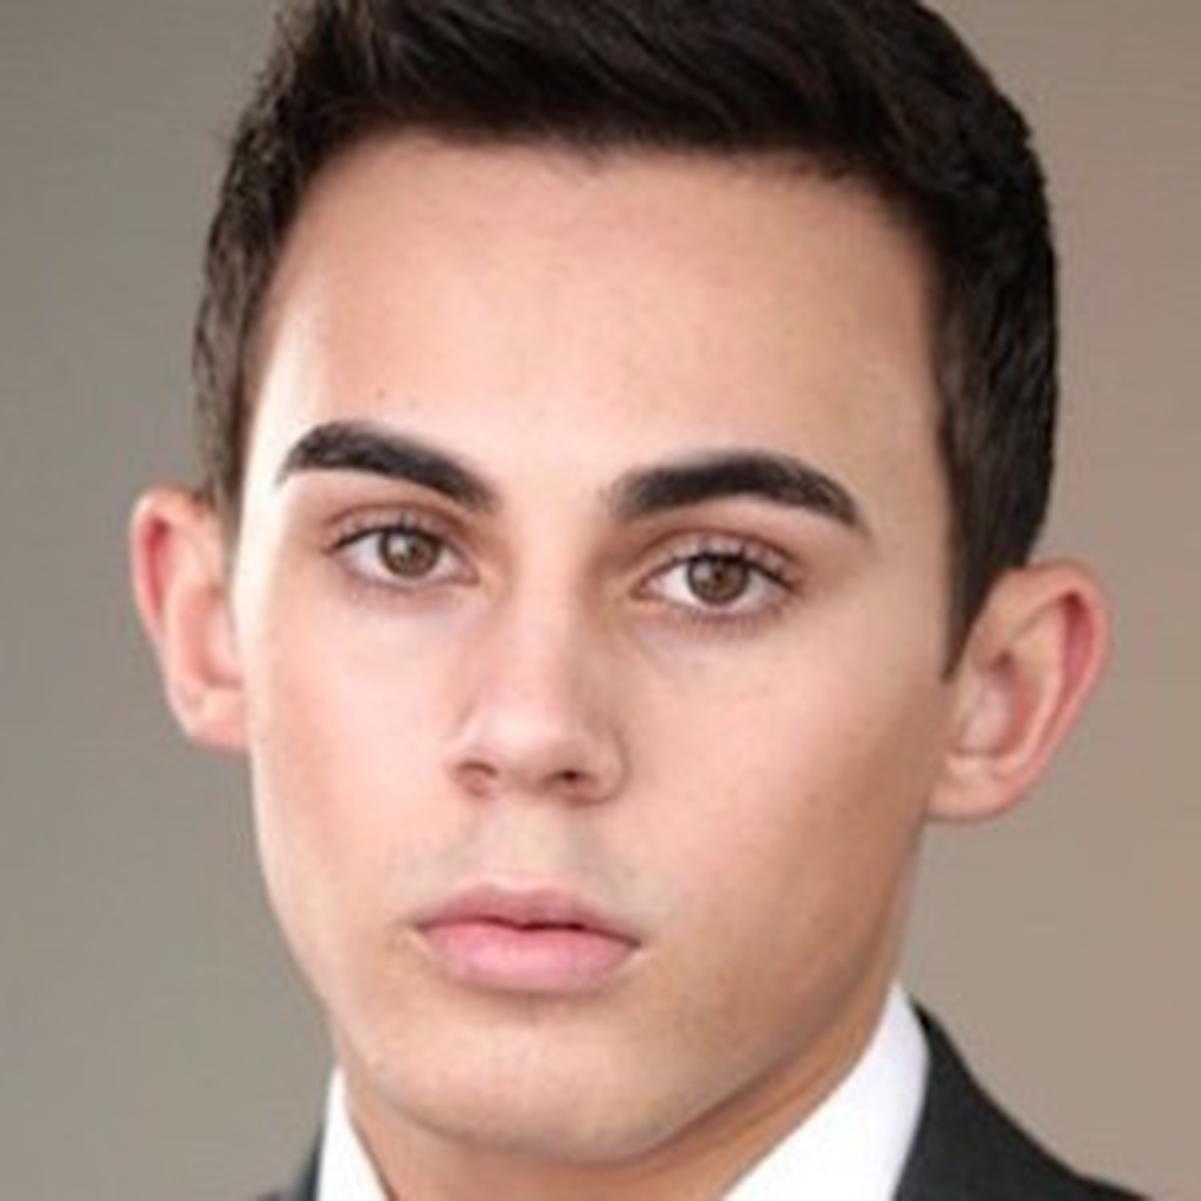 Tyler Alvarez